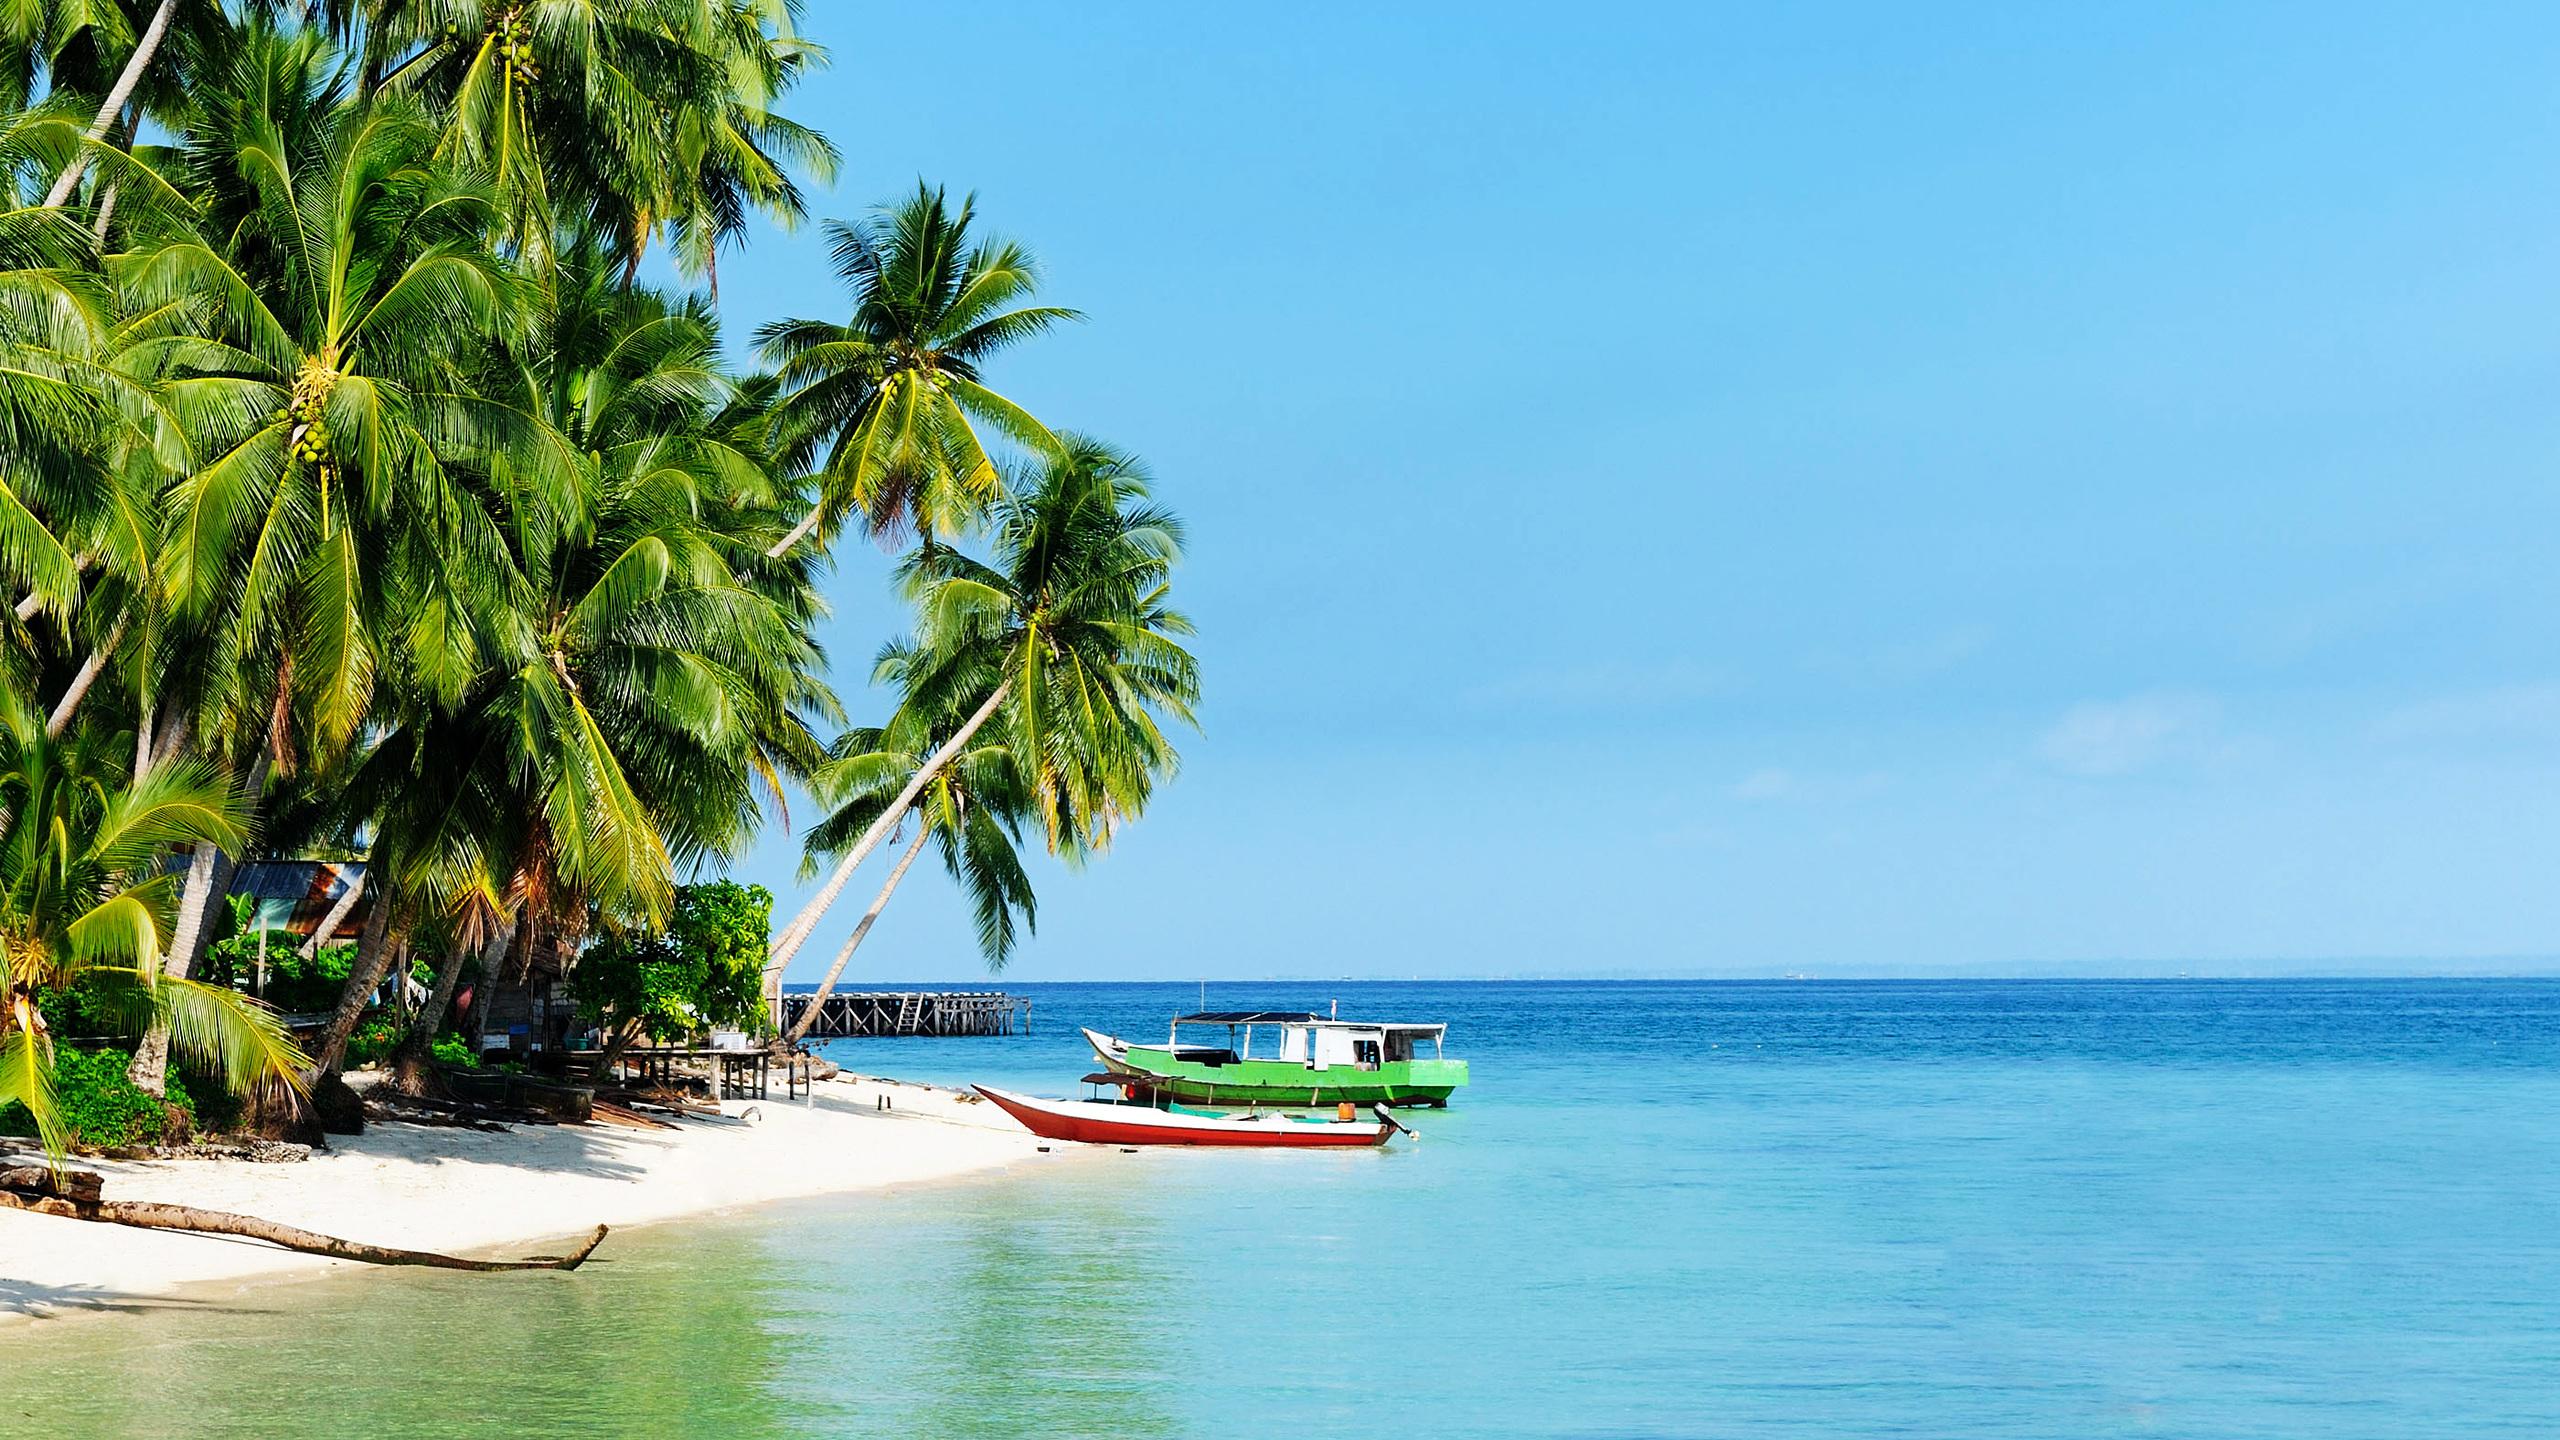 White Sandy Beach Of The Derawan Islands Wallpaper Beach Wallpapers